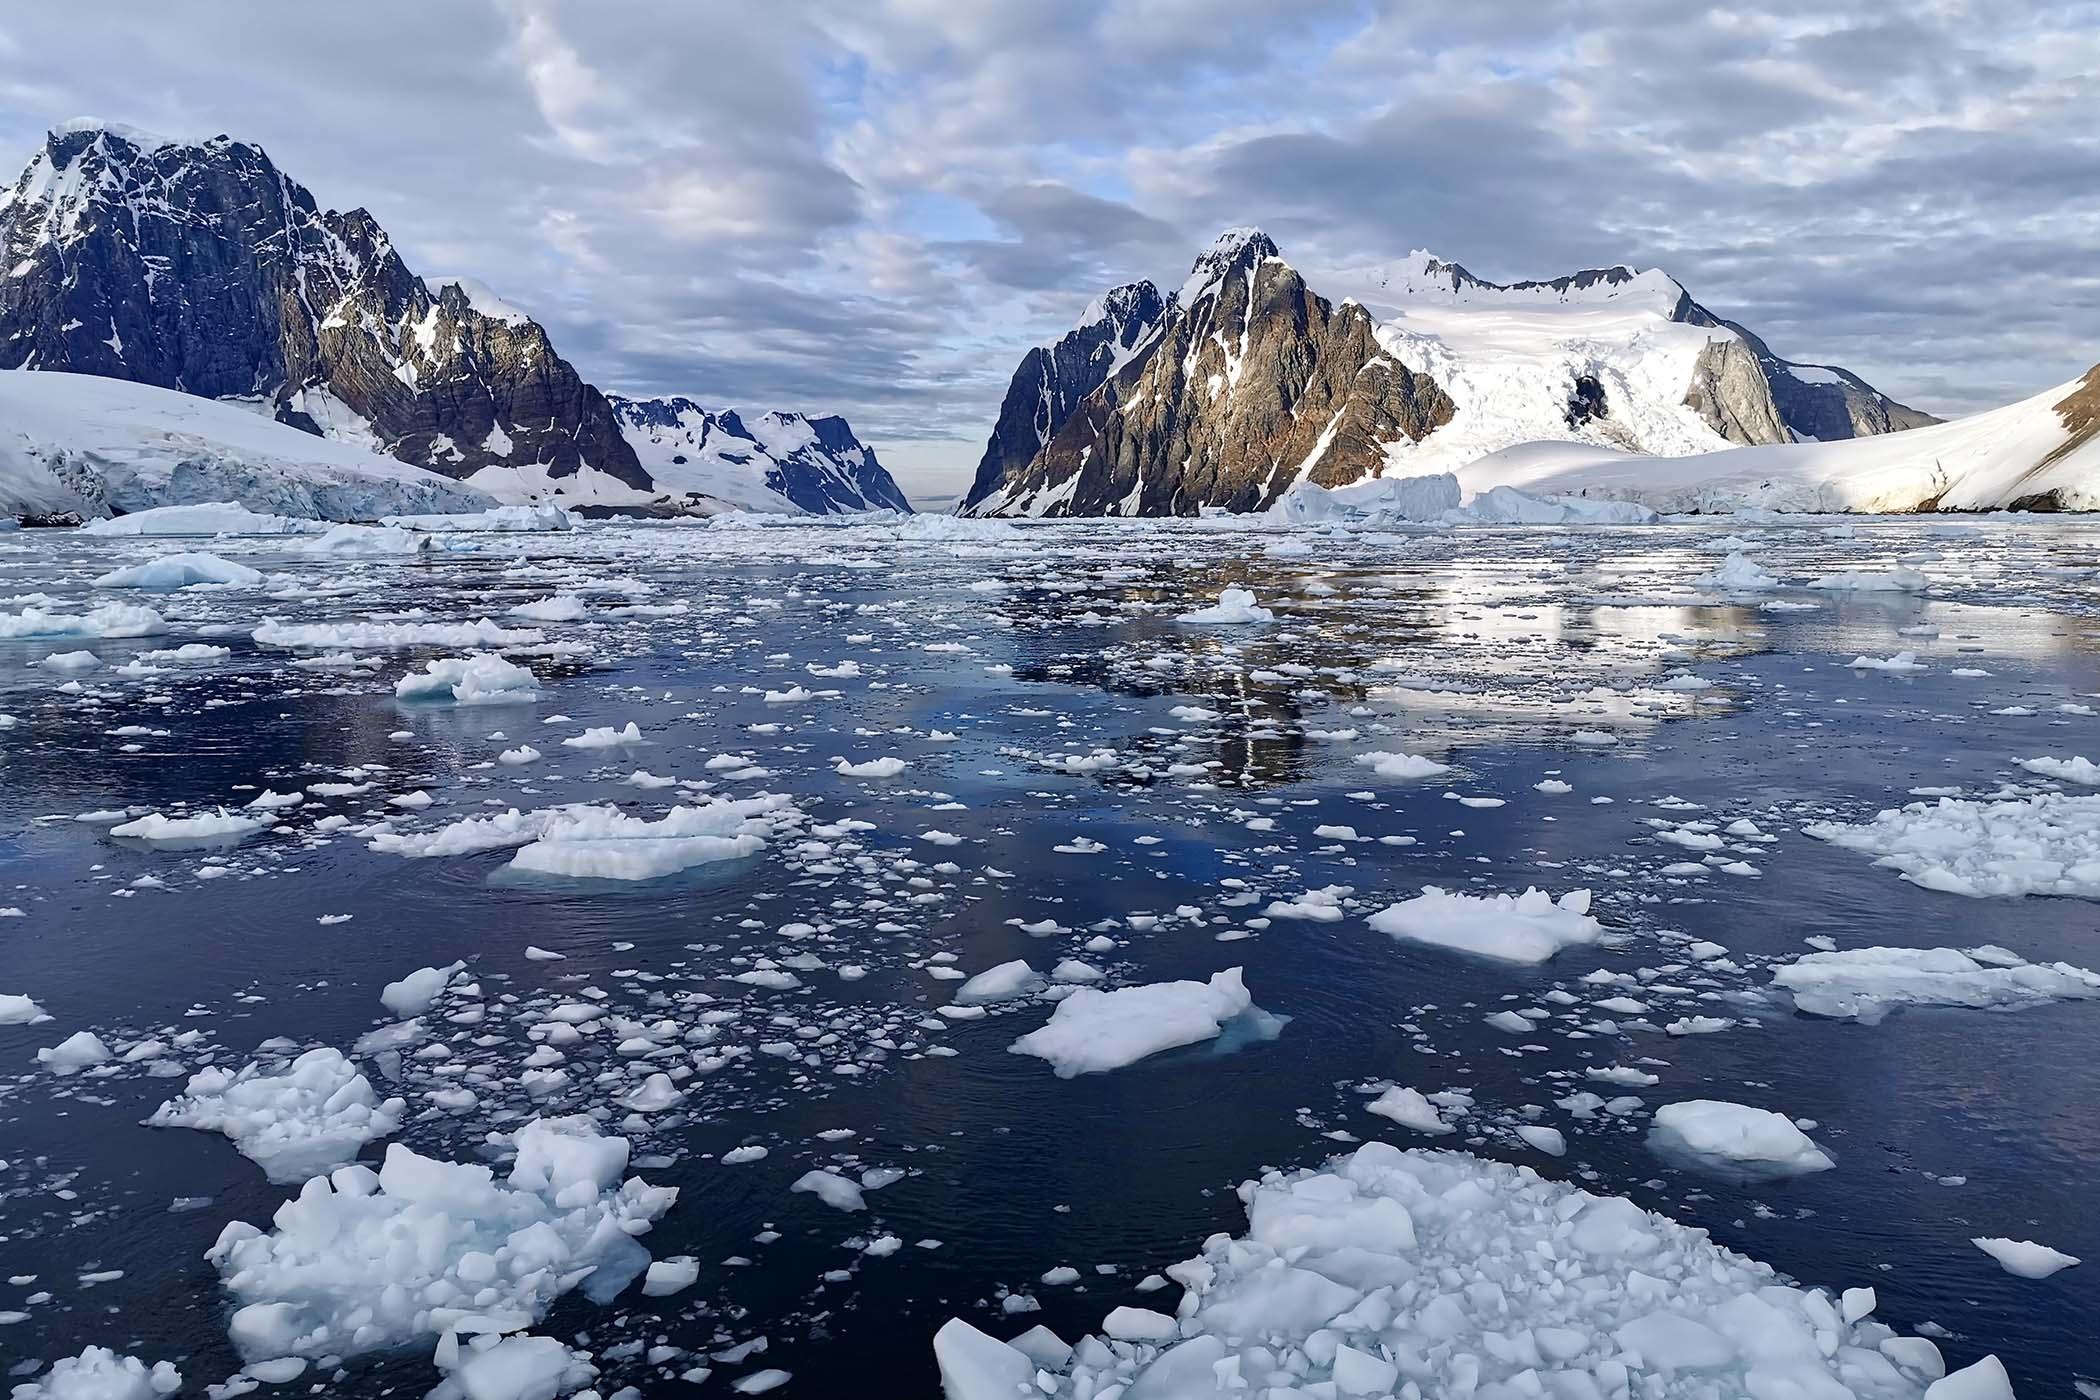 Delma Oceanmaster Antarctica Limited Edition - 8